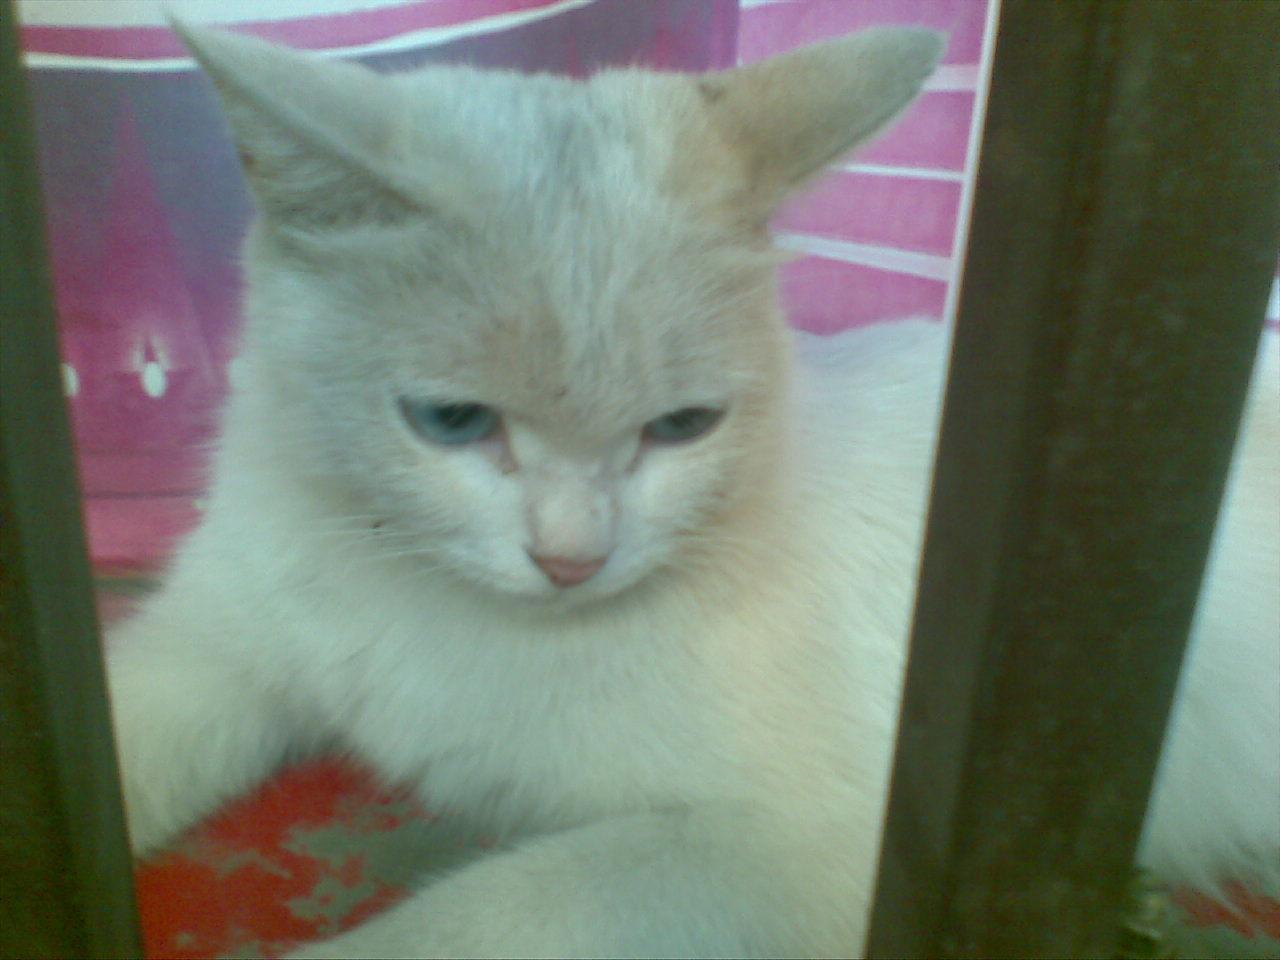 蓝眼睛的小白猫 – mtime时光网